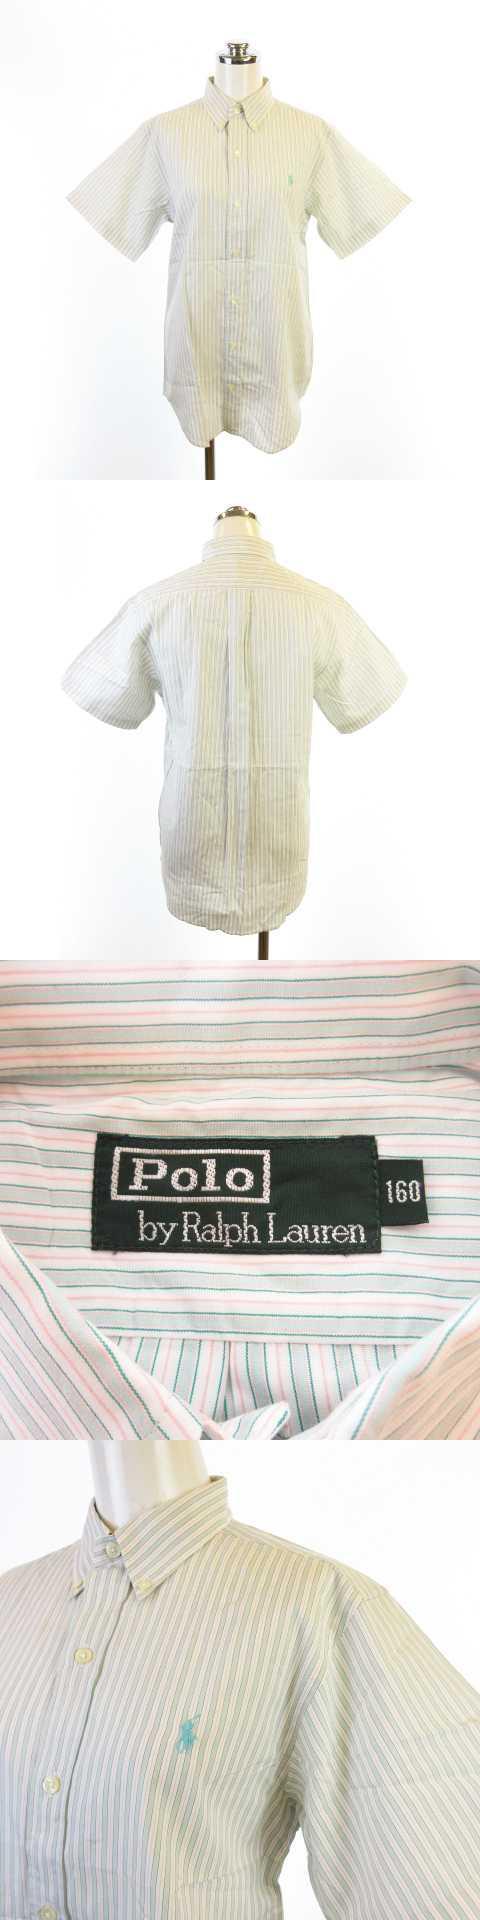 ボタンダウン BD 半袖 シャツ 綿100% ストライプ ワンポイント刺繍 グリーン ピンク 160 AI0827